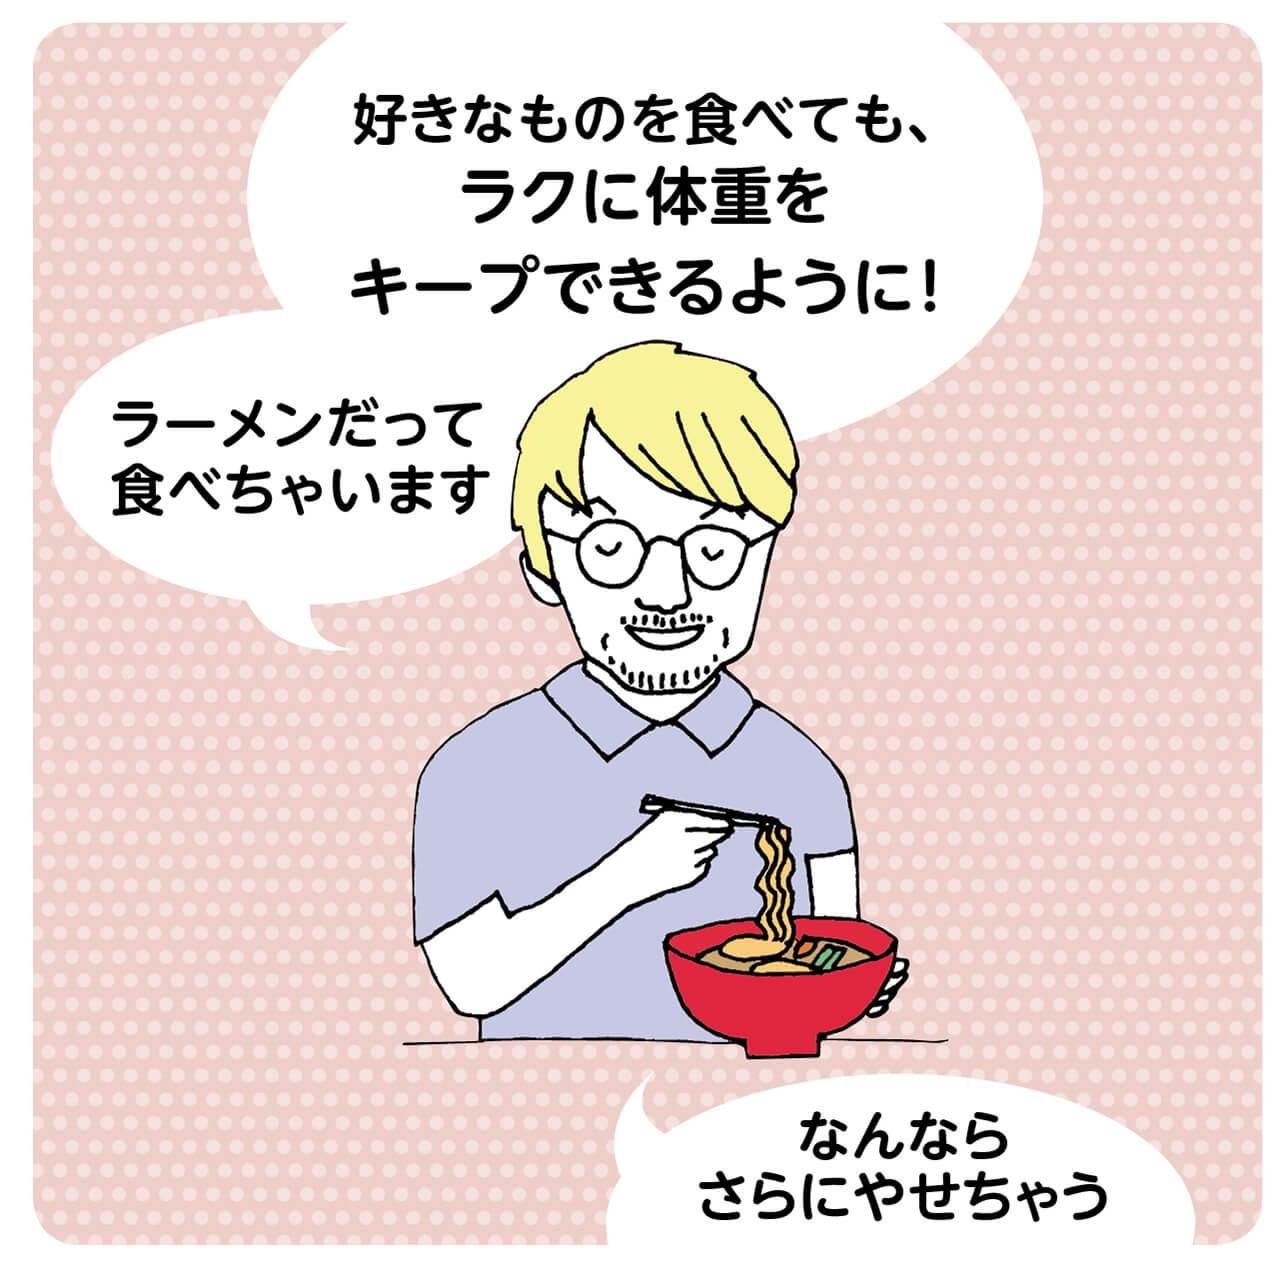 好きなものを食べても、ラクに体重をキープできるように! ラーメンだって食べちゃいます。なんならさらにやせちゃう/LEE編集部ぷーすけ